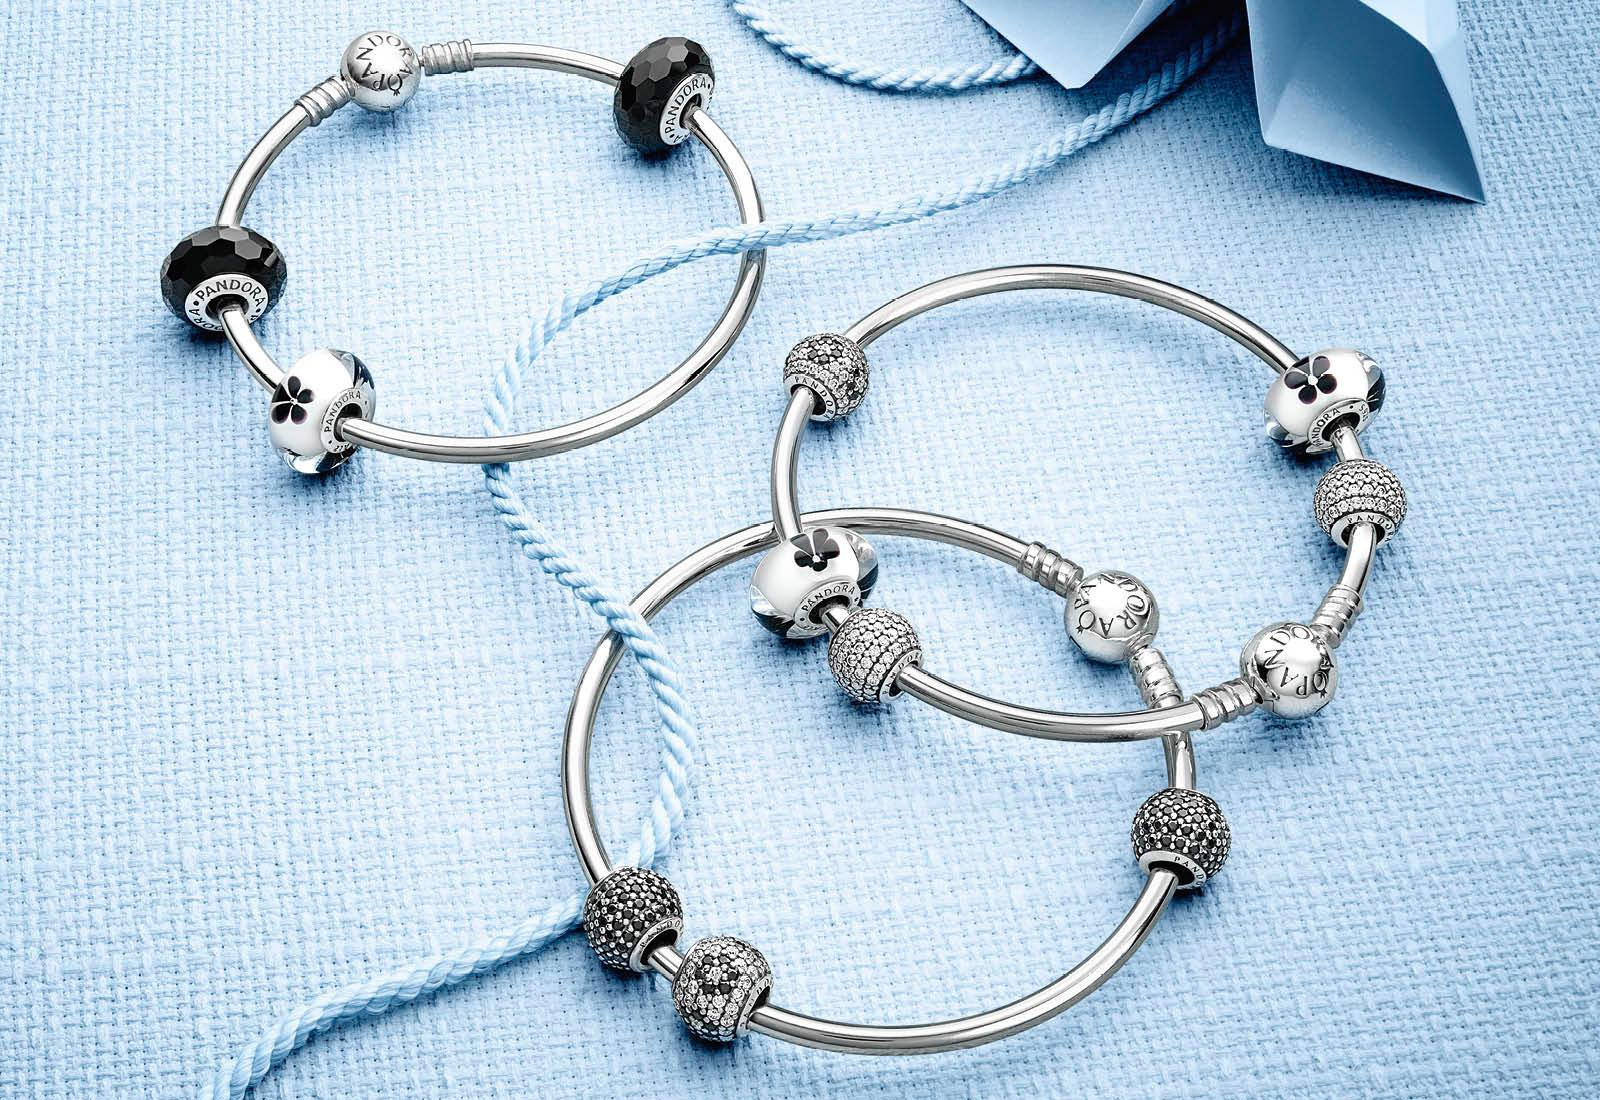 jewelry store near me open now charm bracelets